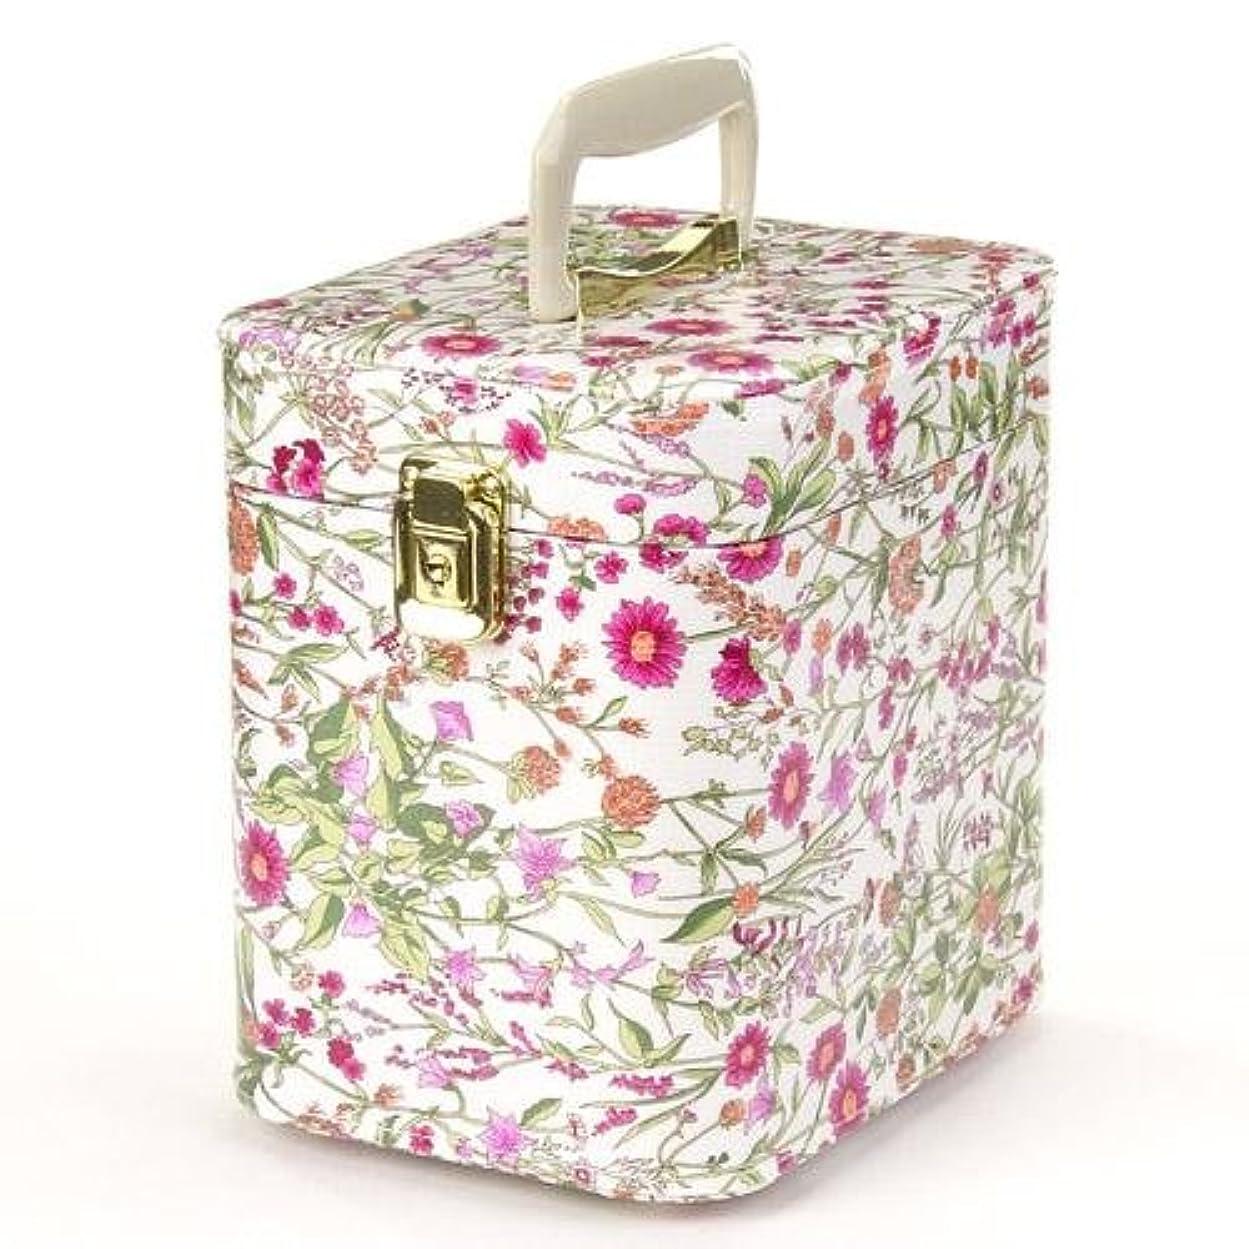 把握アパルスリップシューズ日本製 メイクボックス トレンケース ハーブガーデン 7寸 ピンク  (鍵付き/コスメボックス)